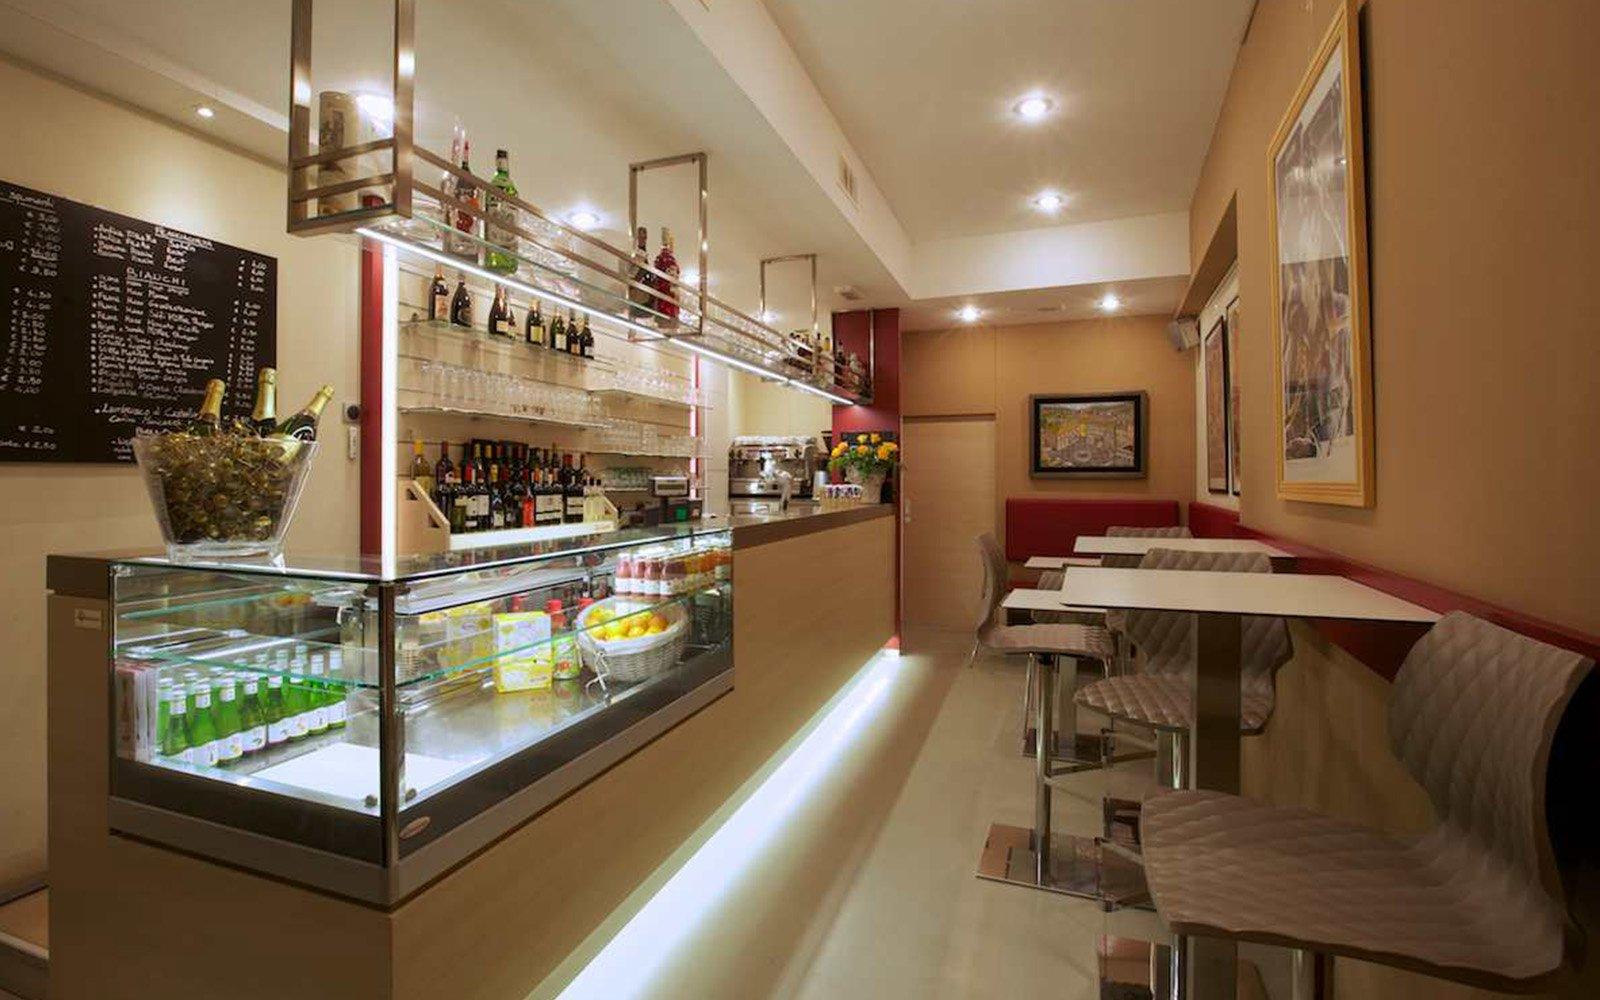 interno di un bar con vista dei tavoli e delle sedie